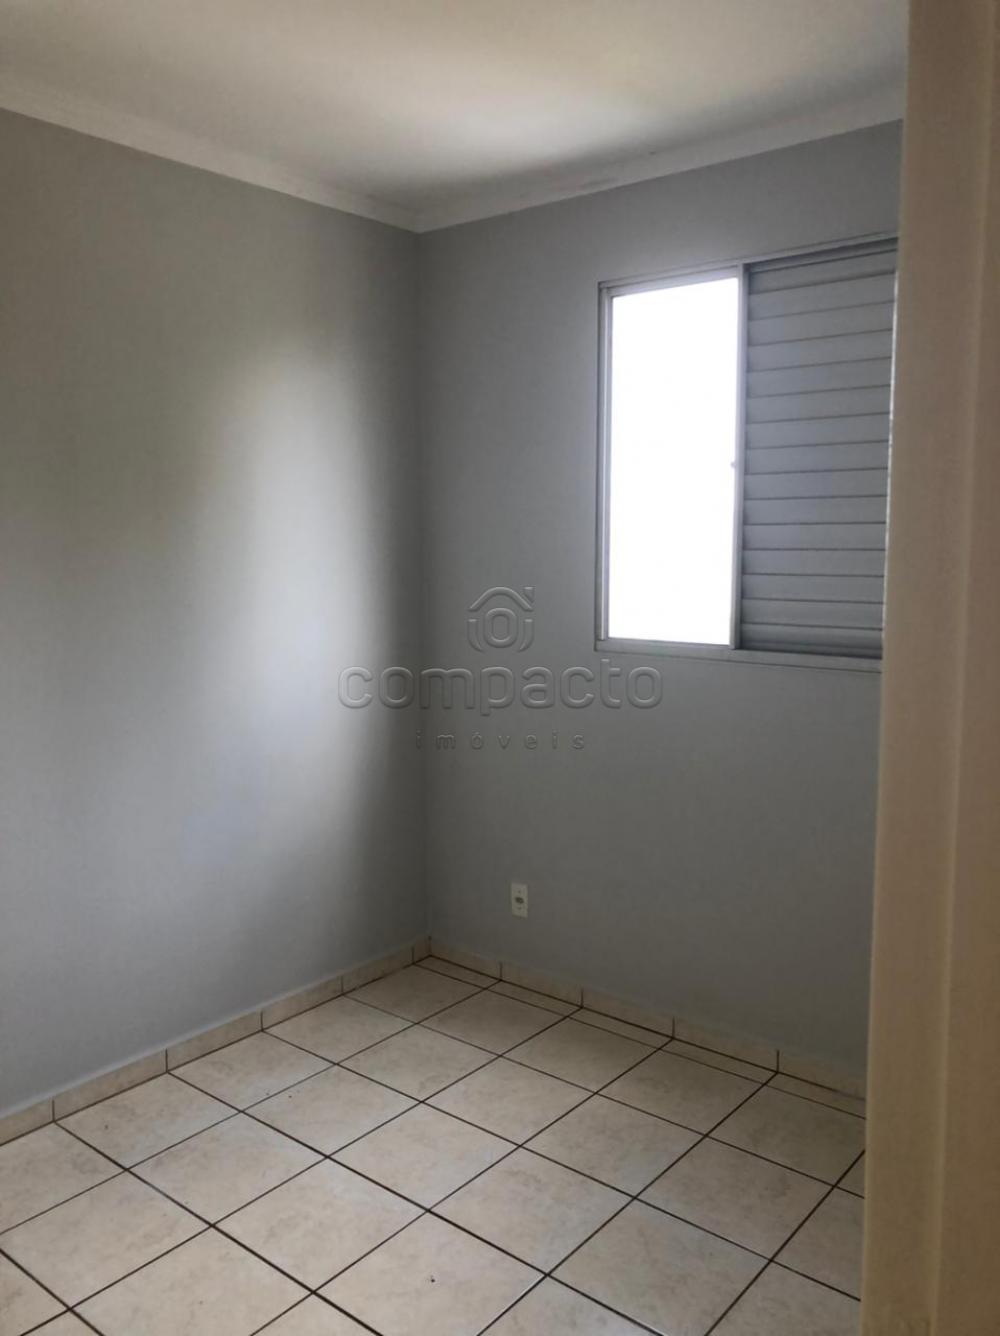 Alugar Apartamento / Padrão em São José do Rio Preto R$ 750,00 - Foto 7